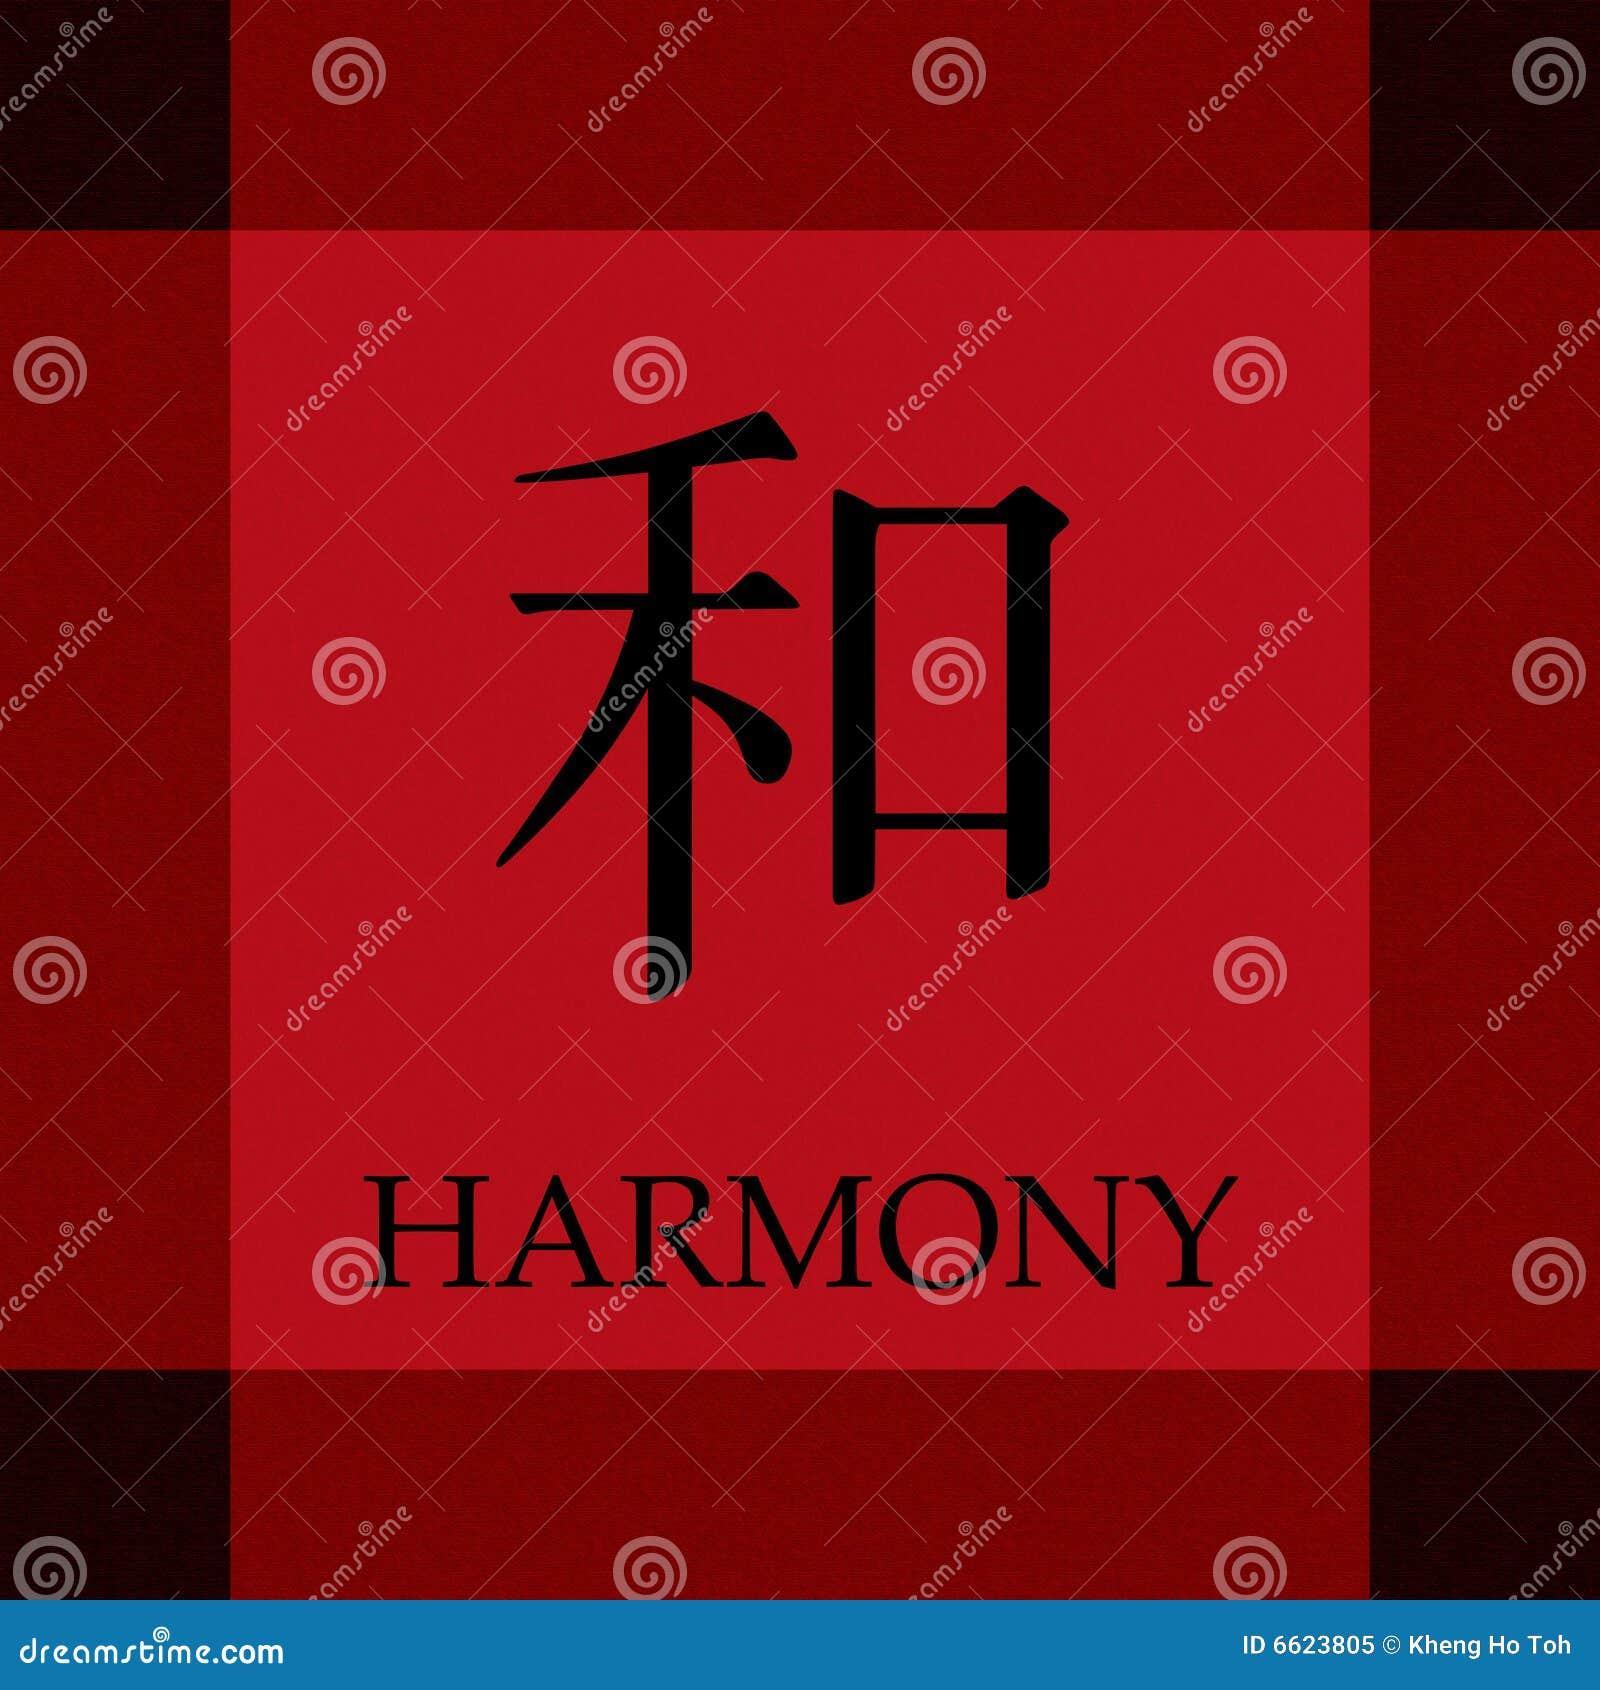 China Harmony